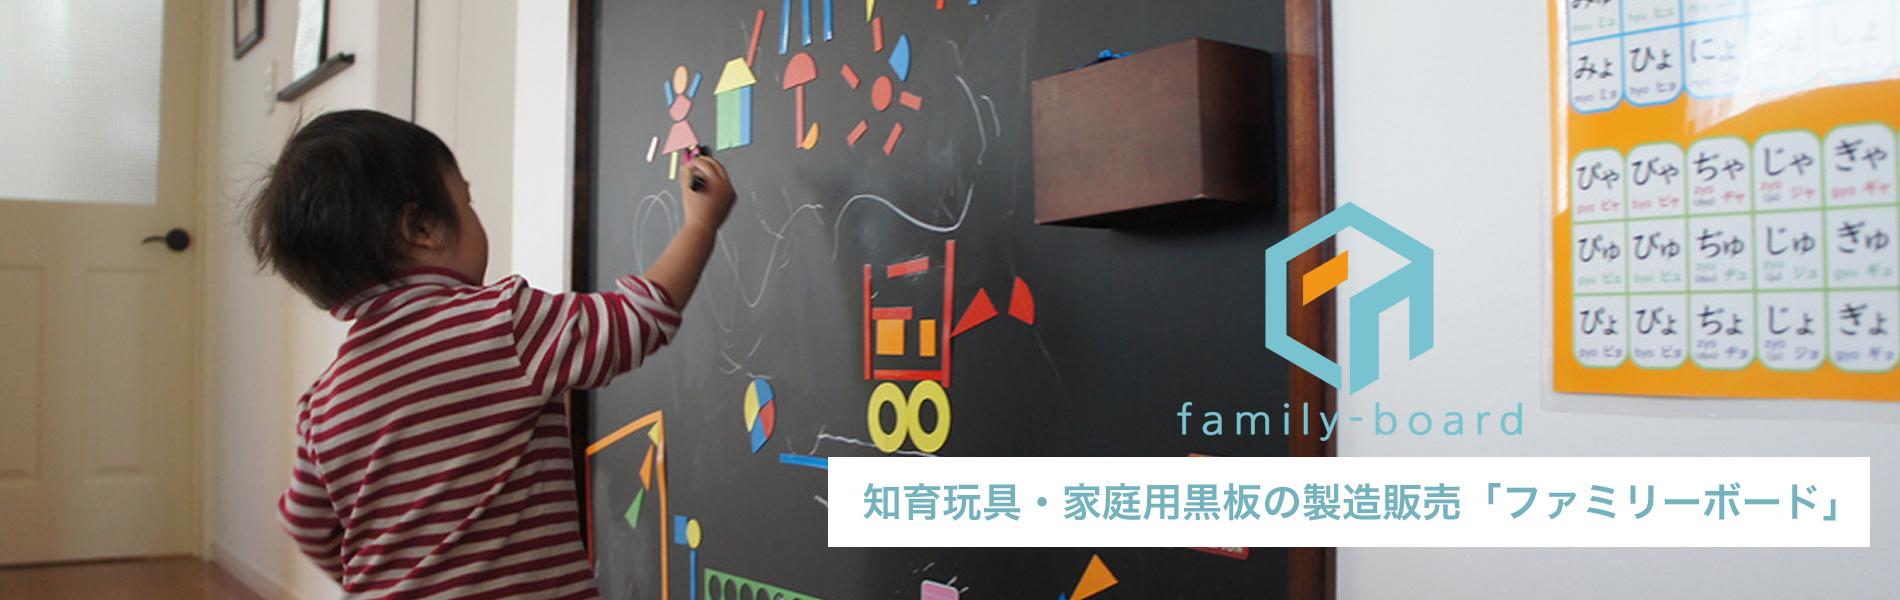 知育玩具・家庭用黒板の製造販売「ファミリーボード」